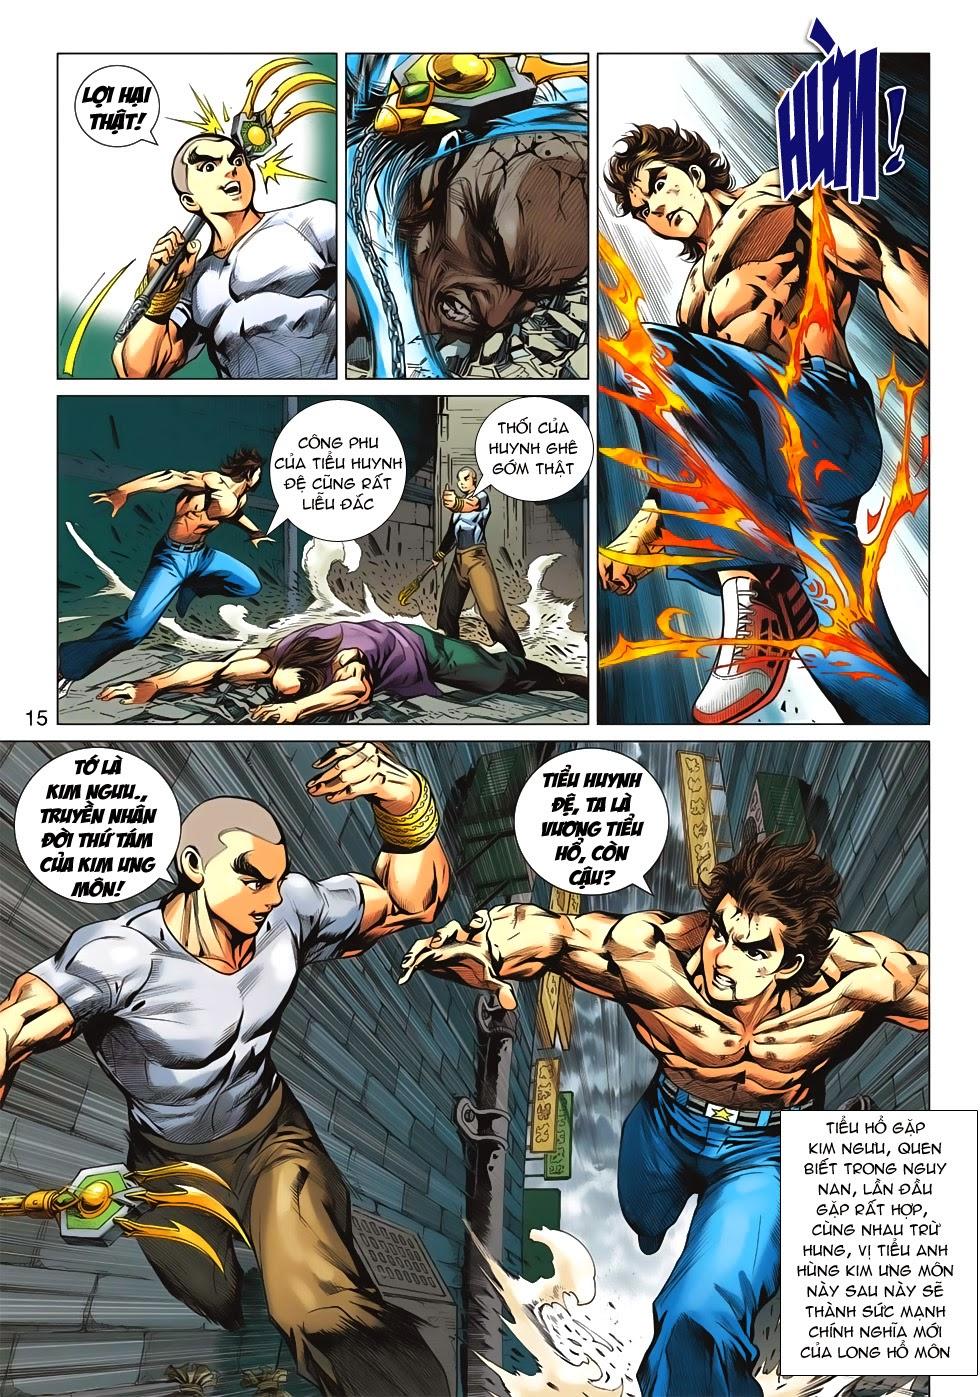 Tân Tác Long Hổ Môn chap 626 - Trang 15